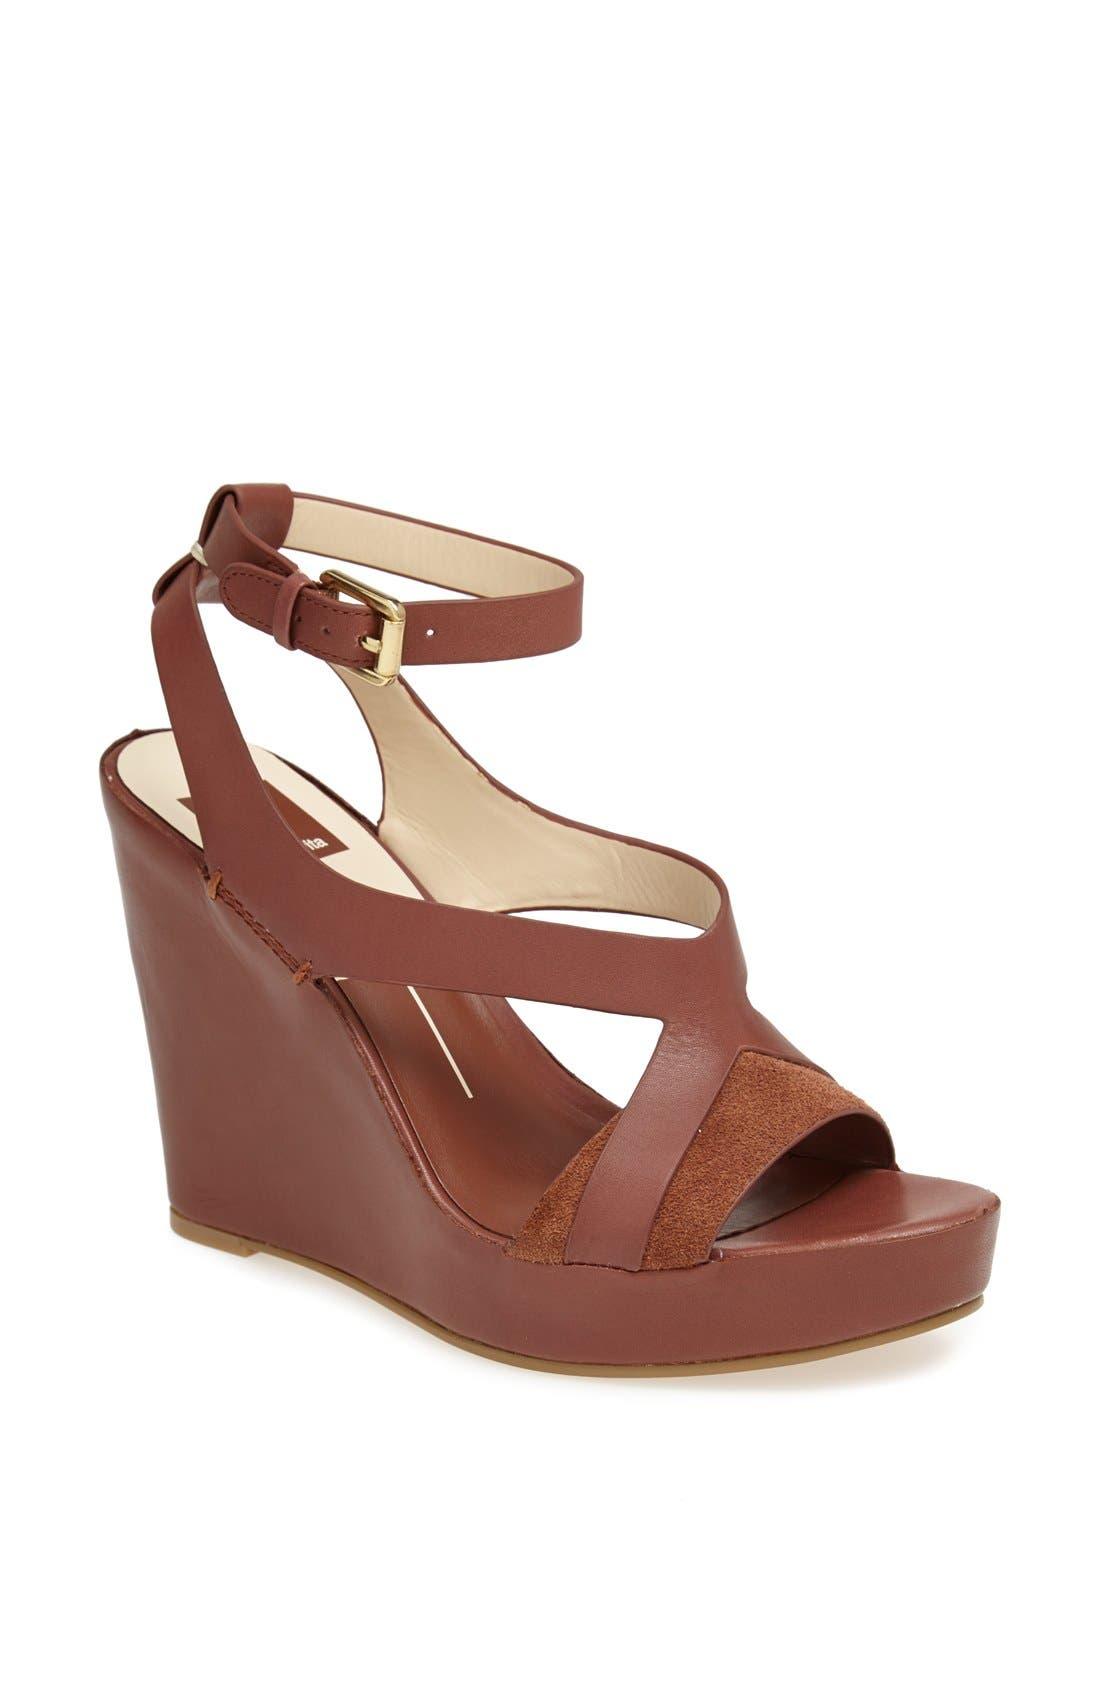 Main Image - Dolce Vita 'Berit' Platform Sandal